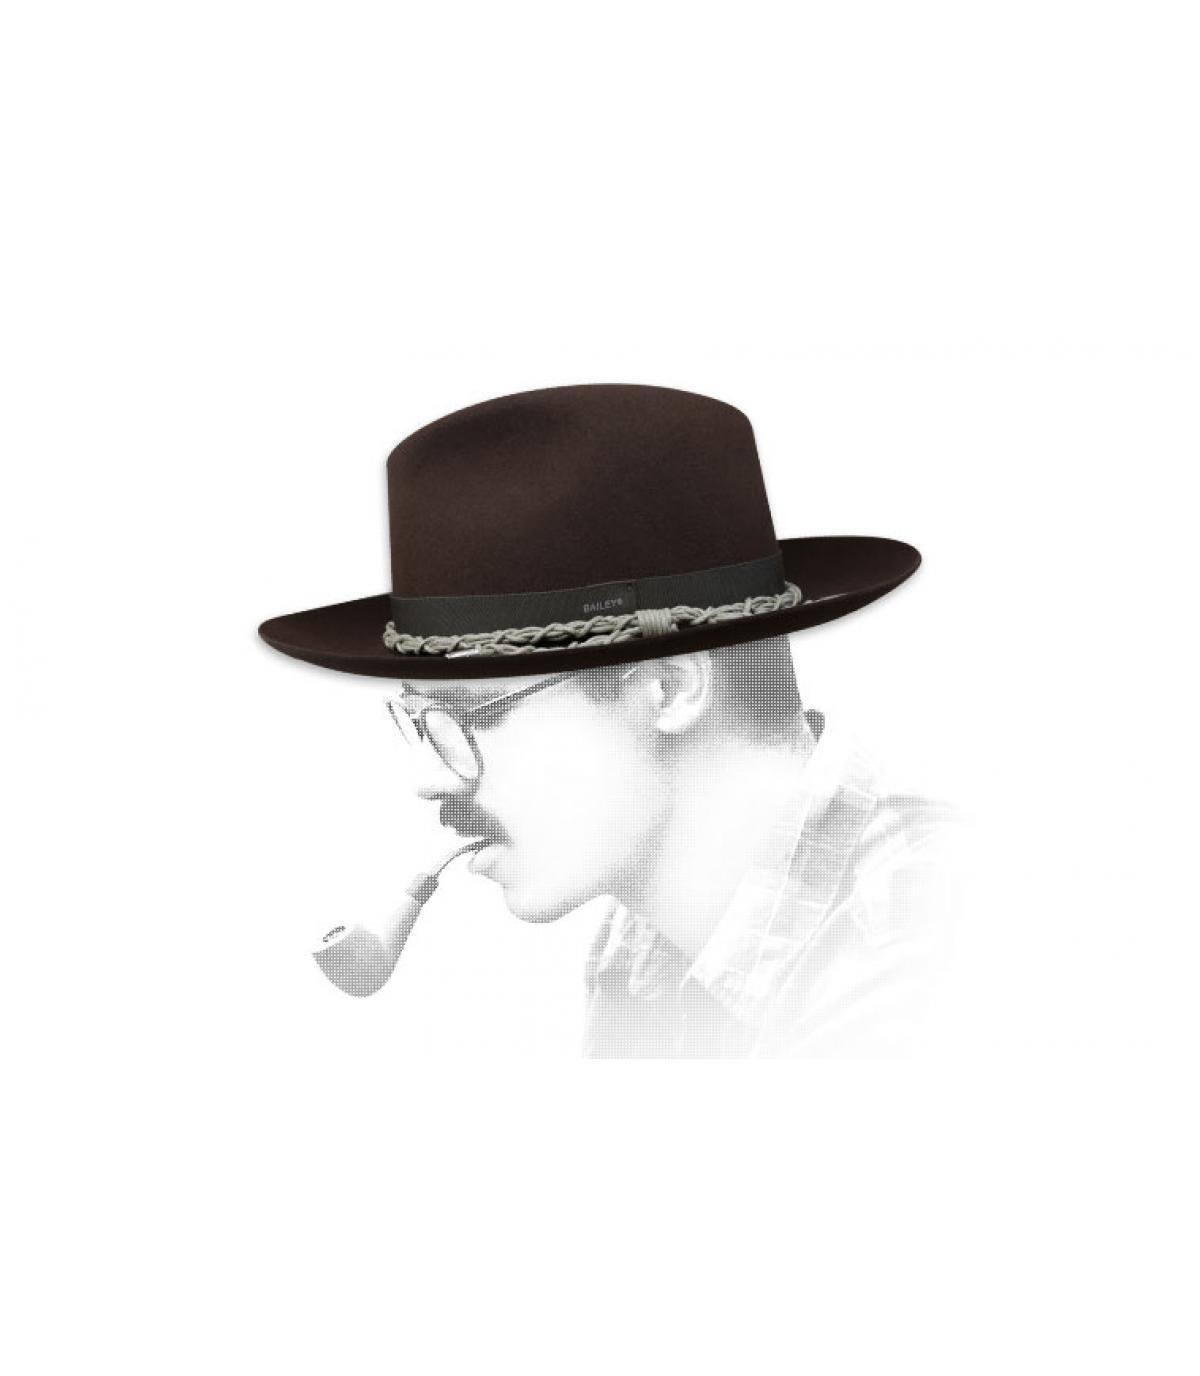 Cappello in feltro marrone Bailey